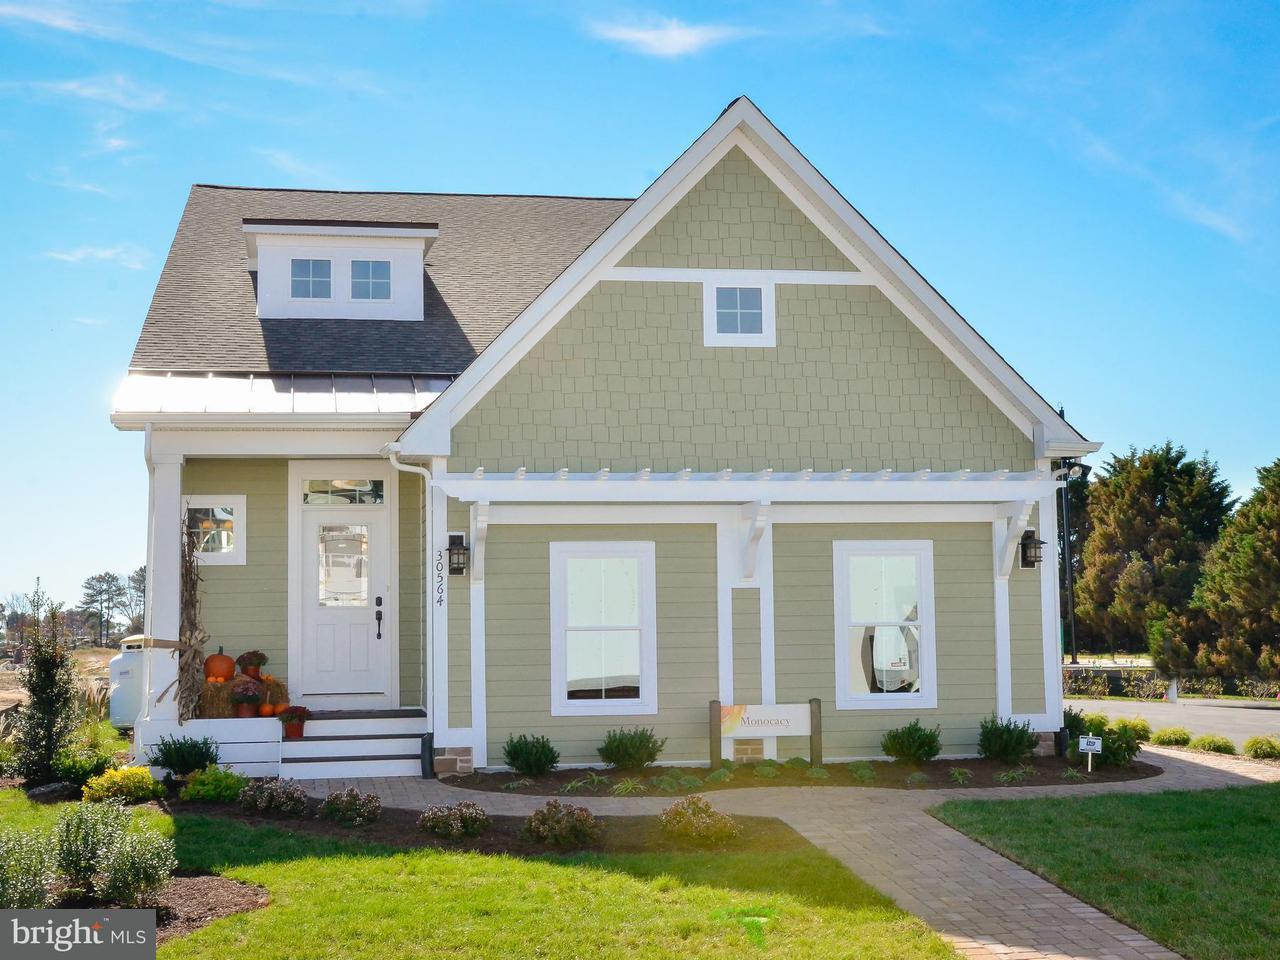 Maison unifamiliale pour l Vente à 3014 TURNSTILE WAY 3014 TURNSTILE WAY Odenton, Maryland 21113 États-Unis